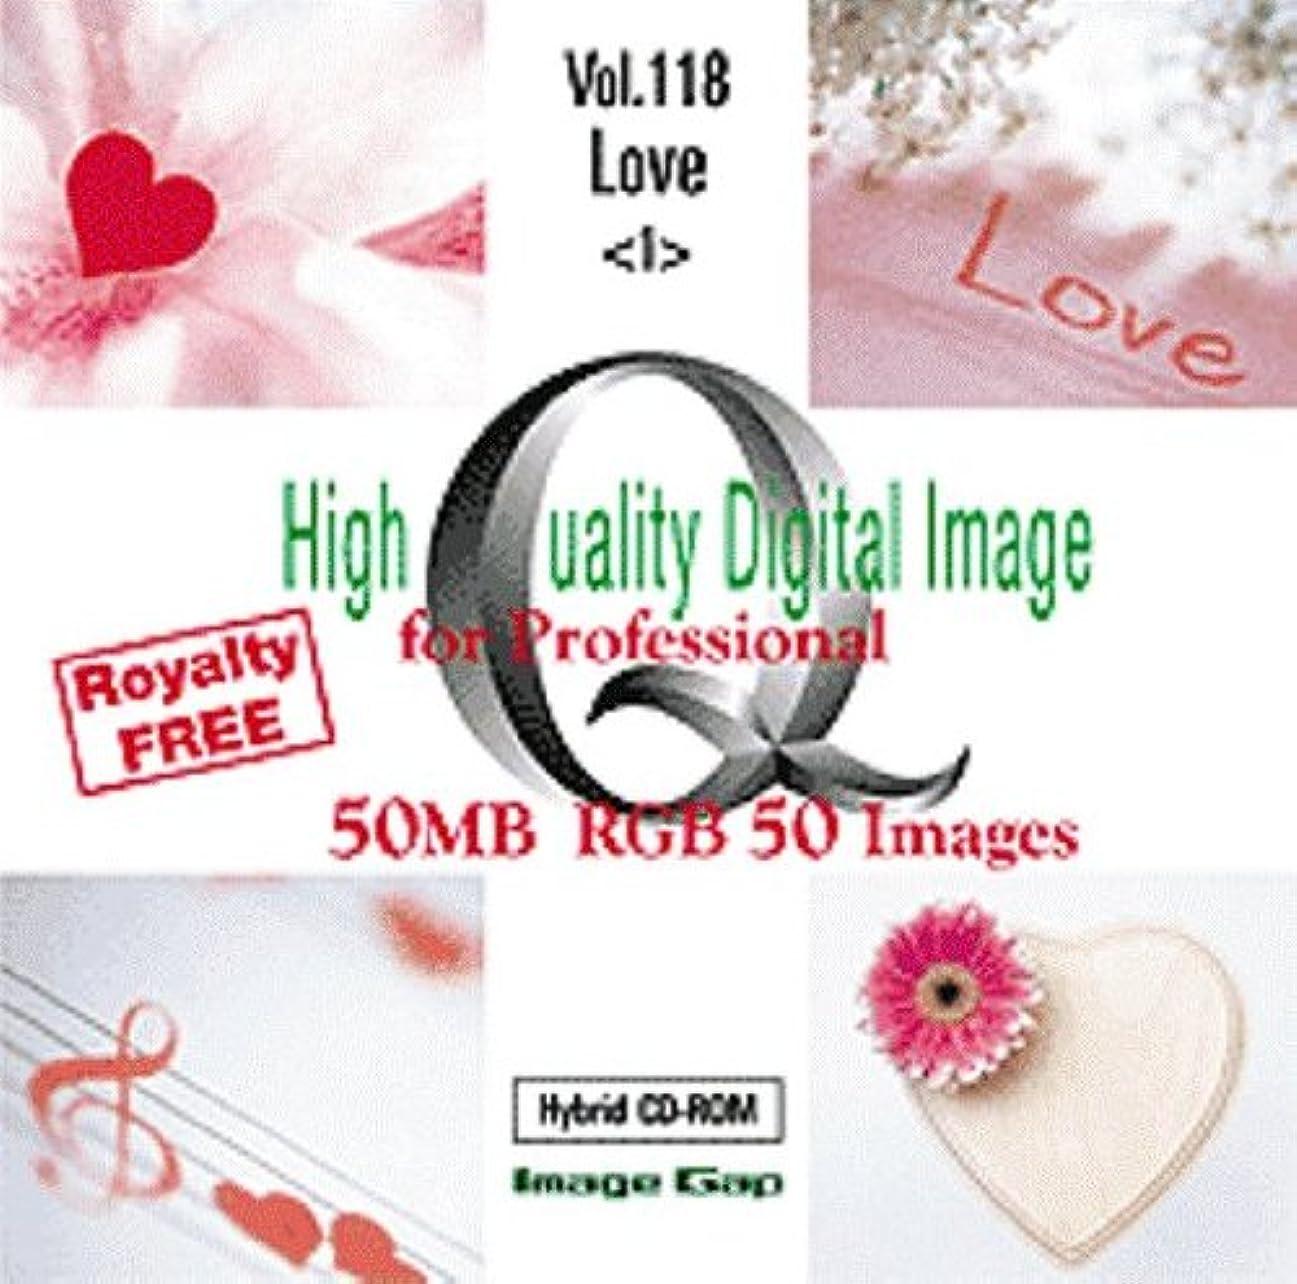 有望トピック破裂High Quality Digital Image for Professional Love <1>